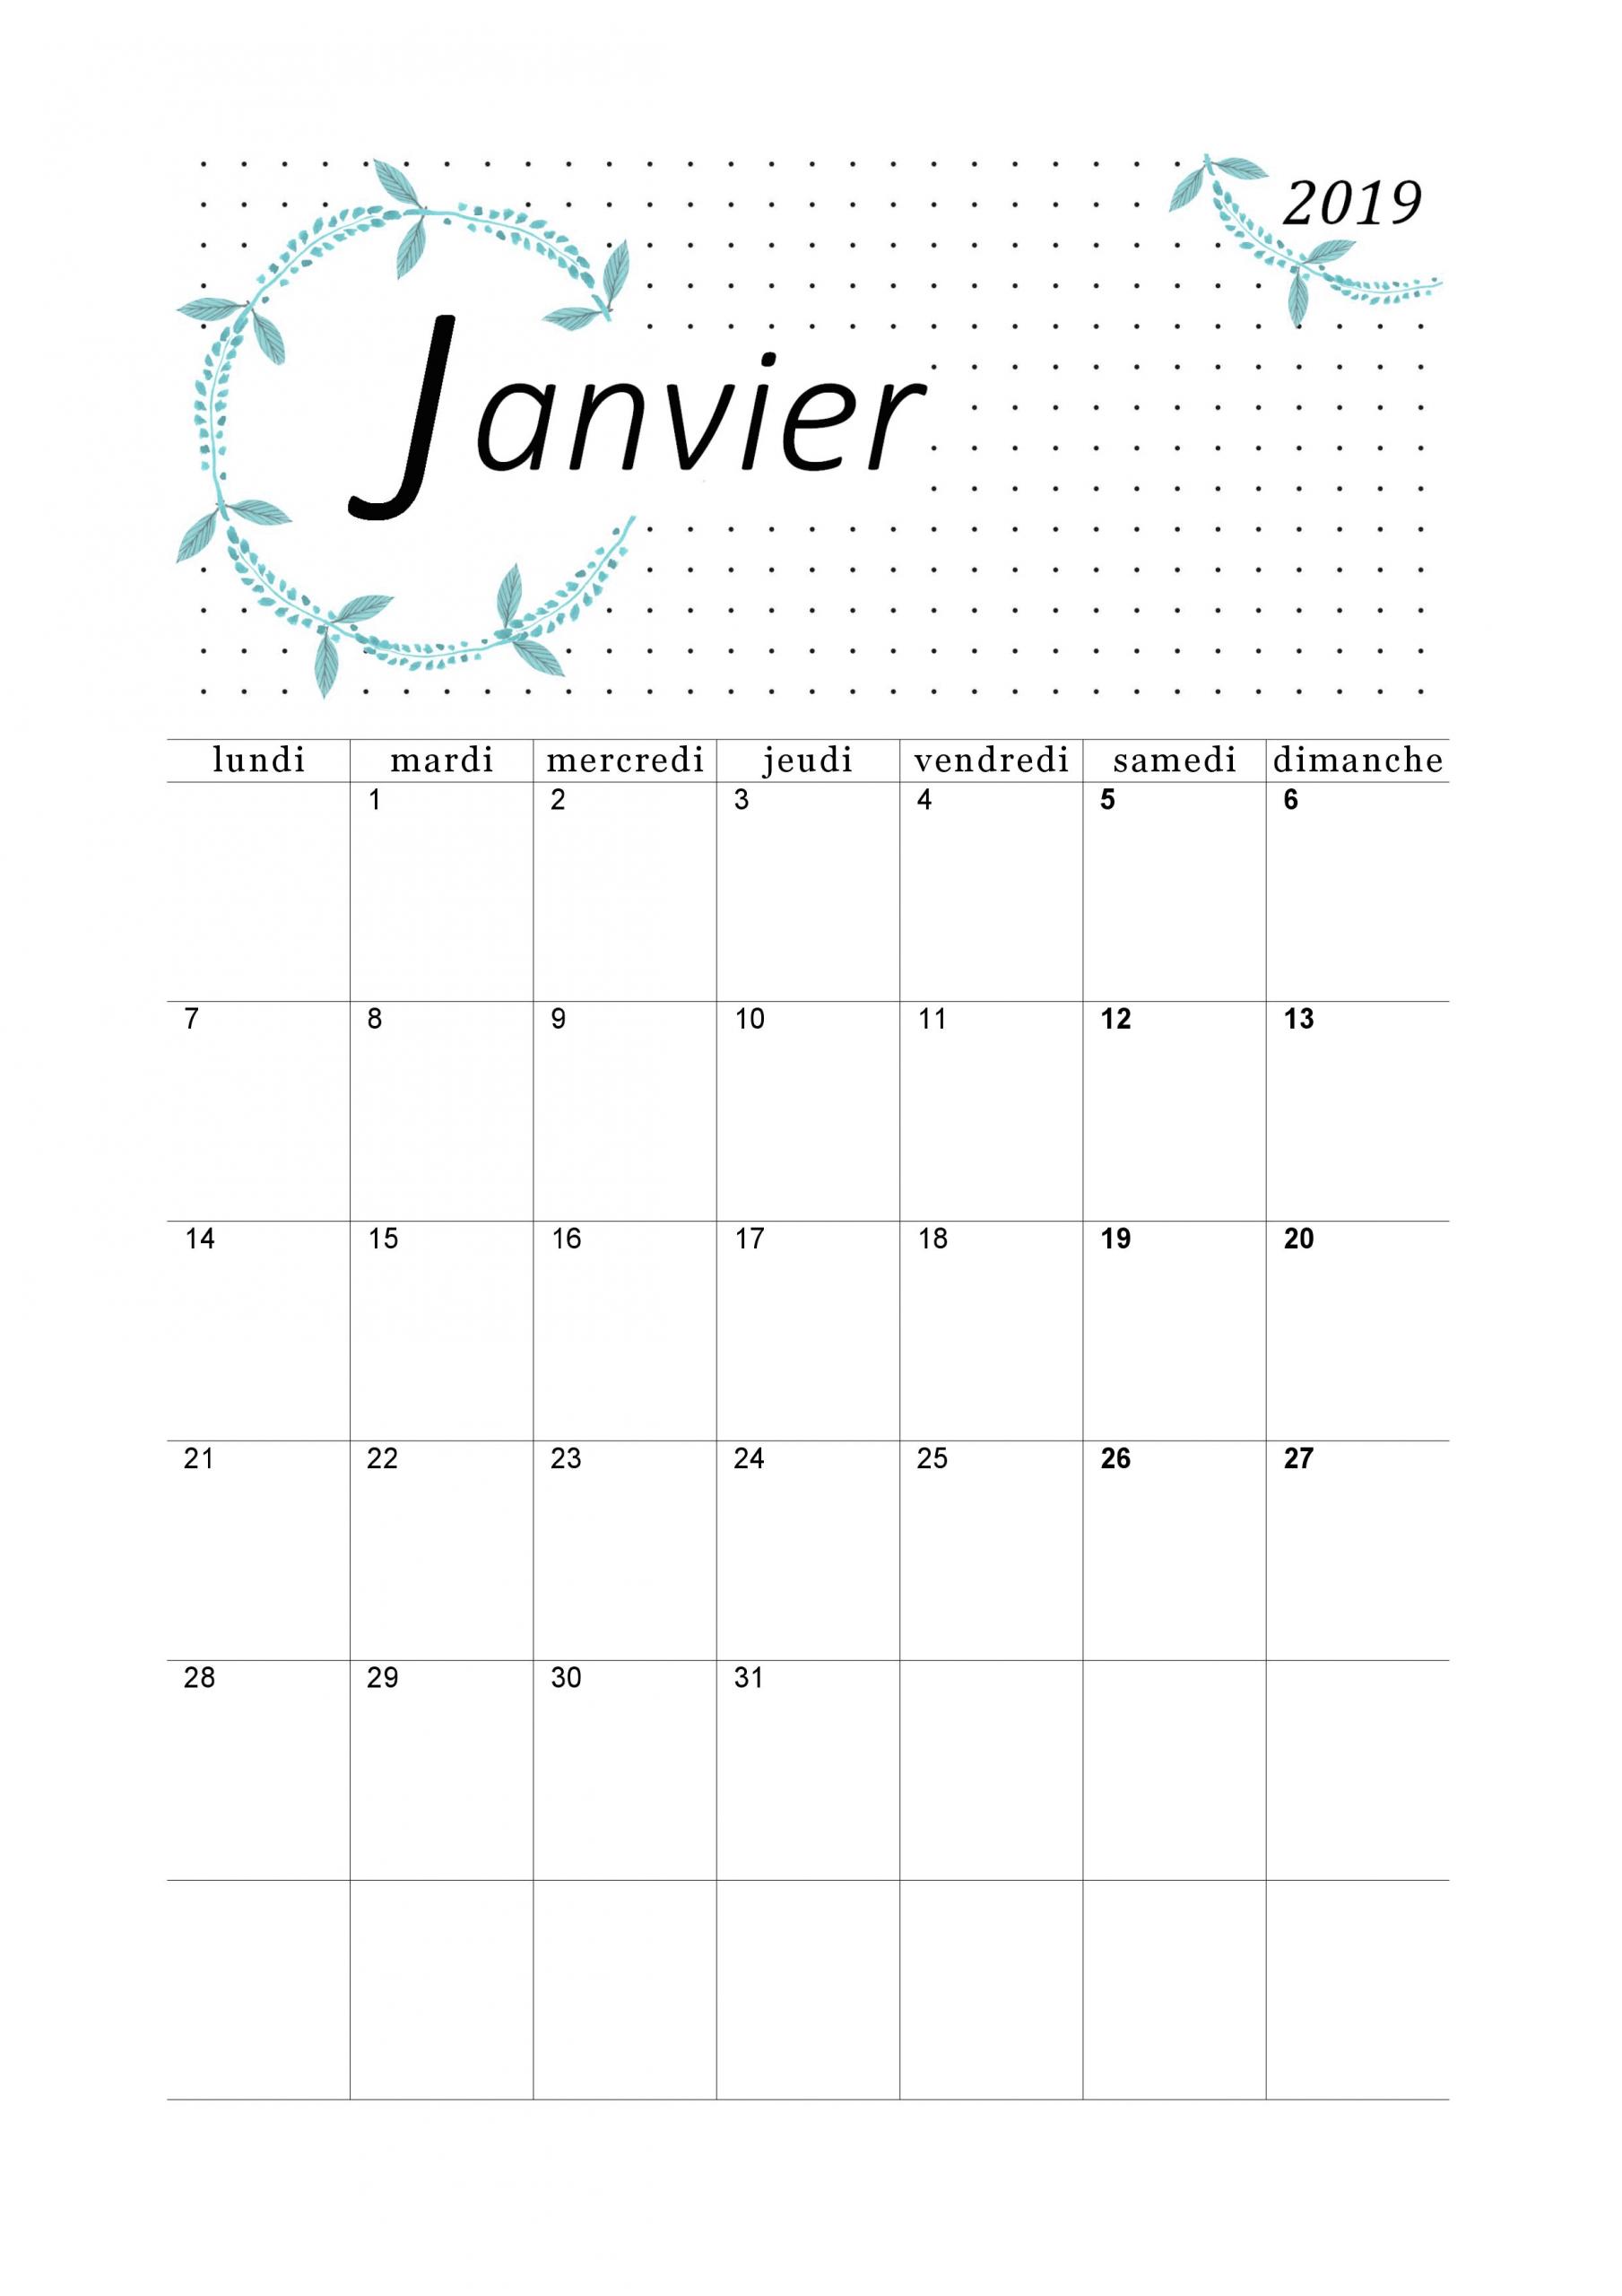 Calendrier Janvier 2019 À Imprimer - Calendriers Imprimables tout Imprimer Des Calendriers